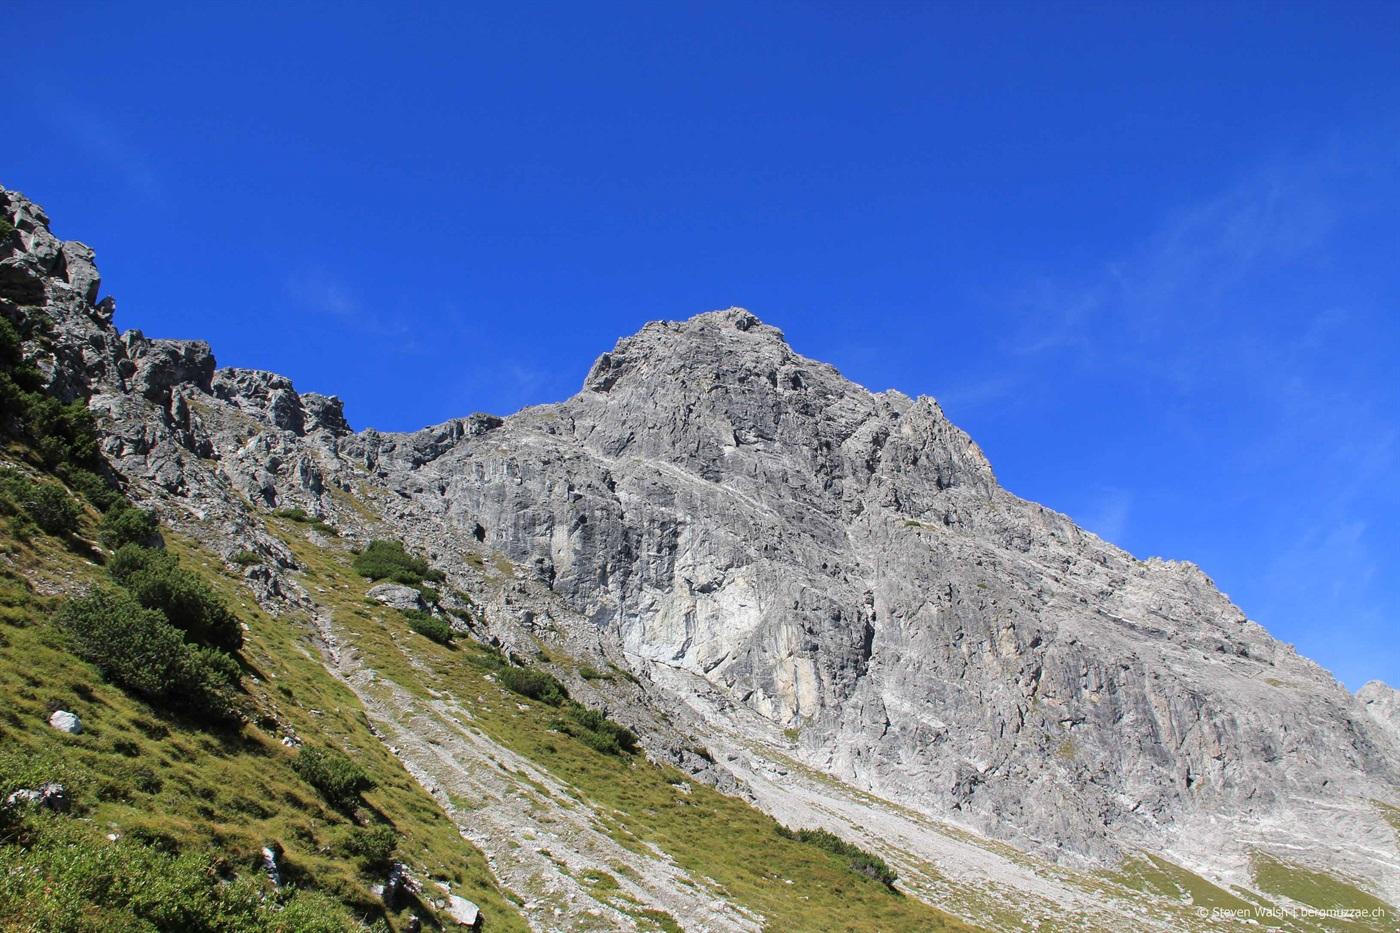 Klettersteig Saulakopf : Saulakopf klettersteig m bergmuzzae